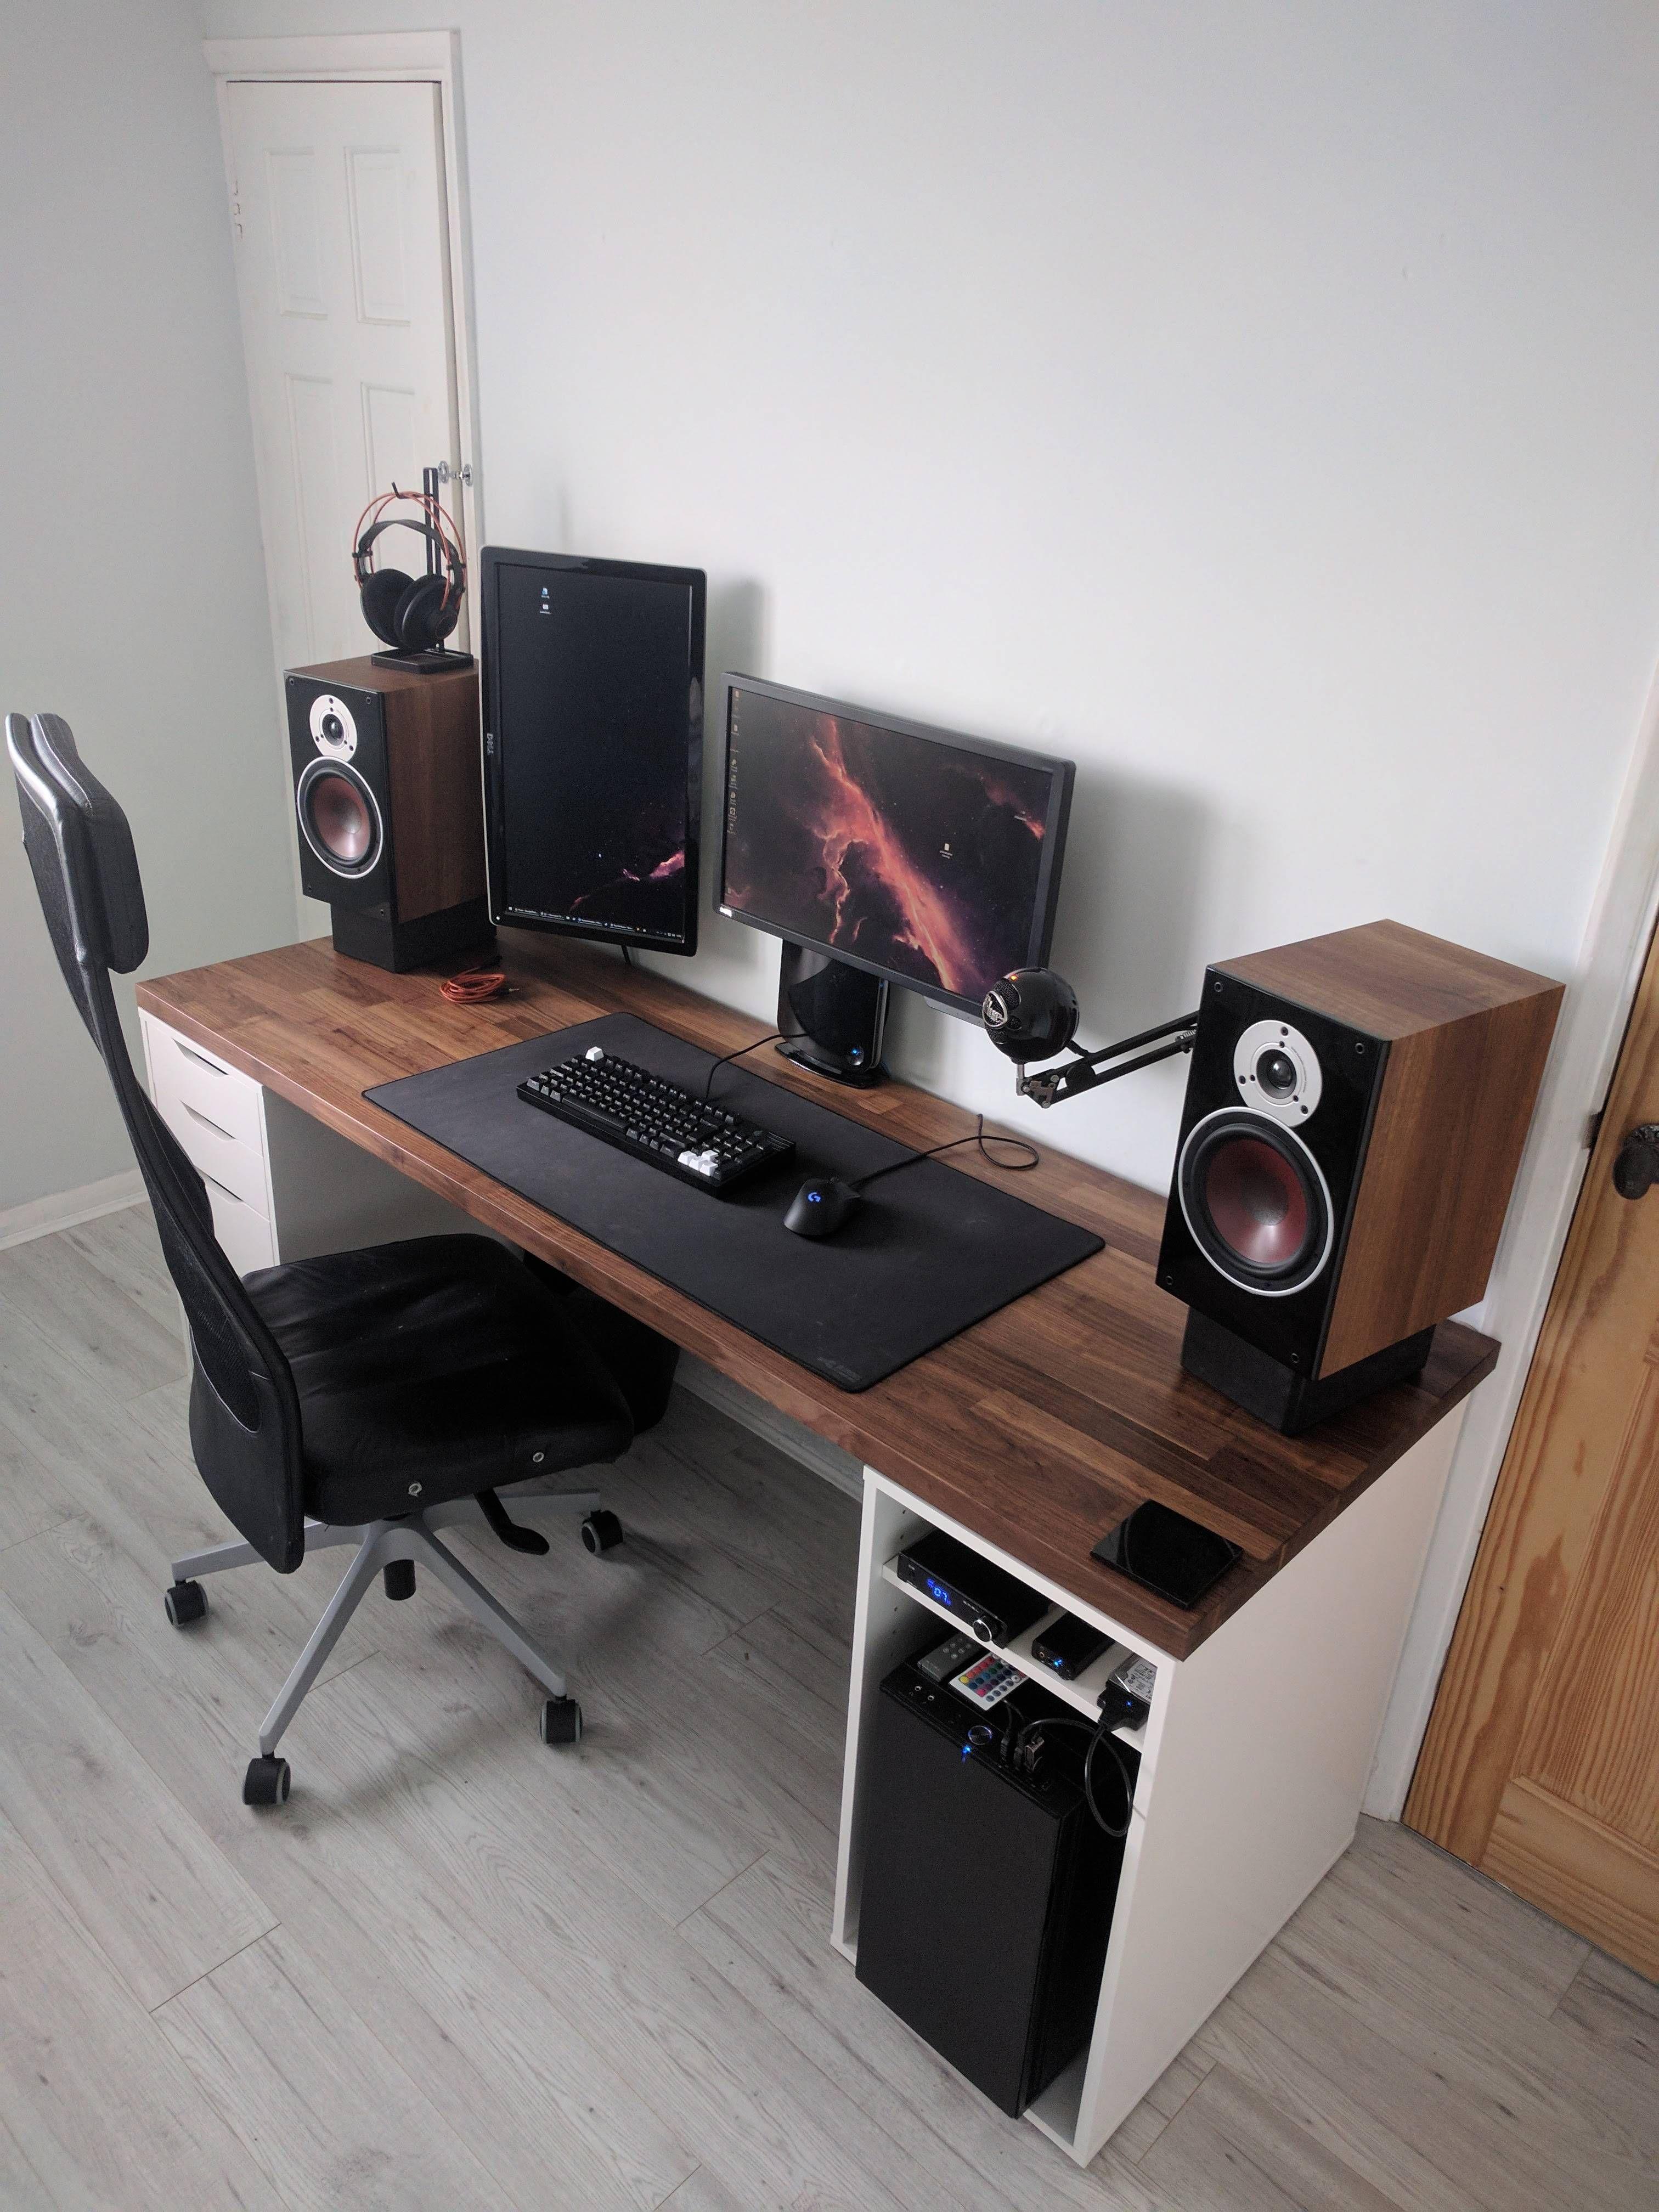 Got A New Desk Bureau D Ordinateur Diy Bureau De Jeu Pc Bureau